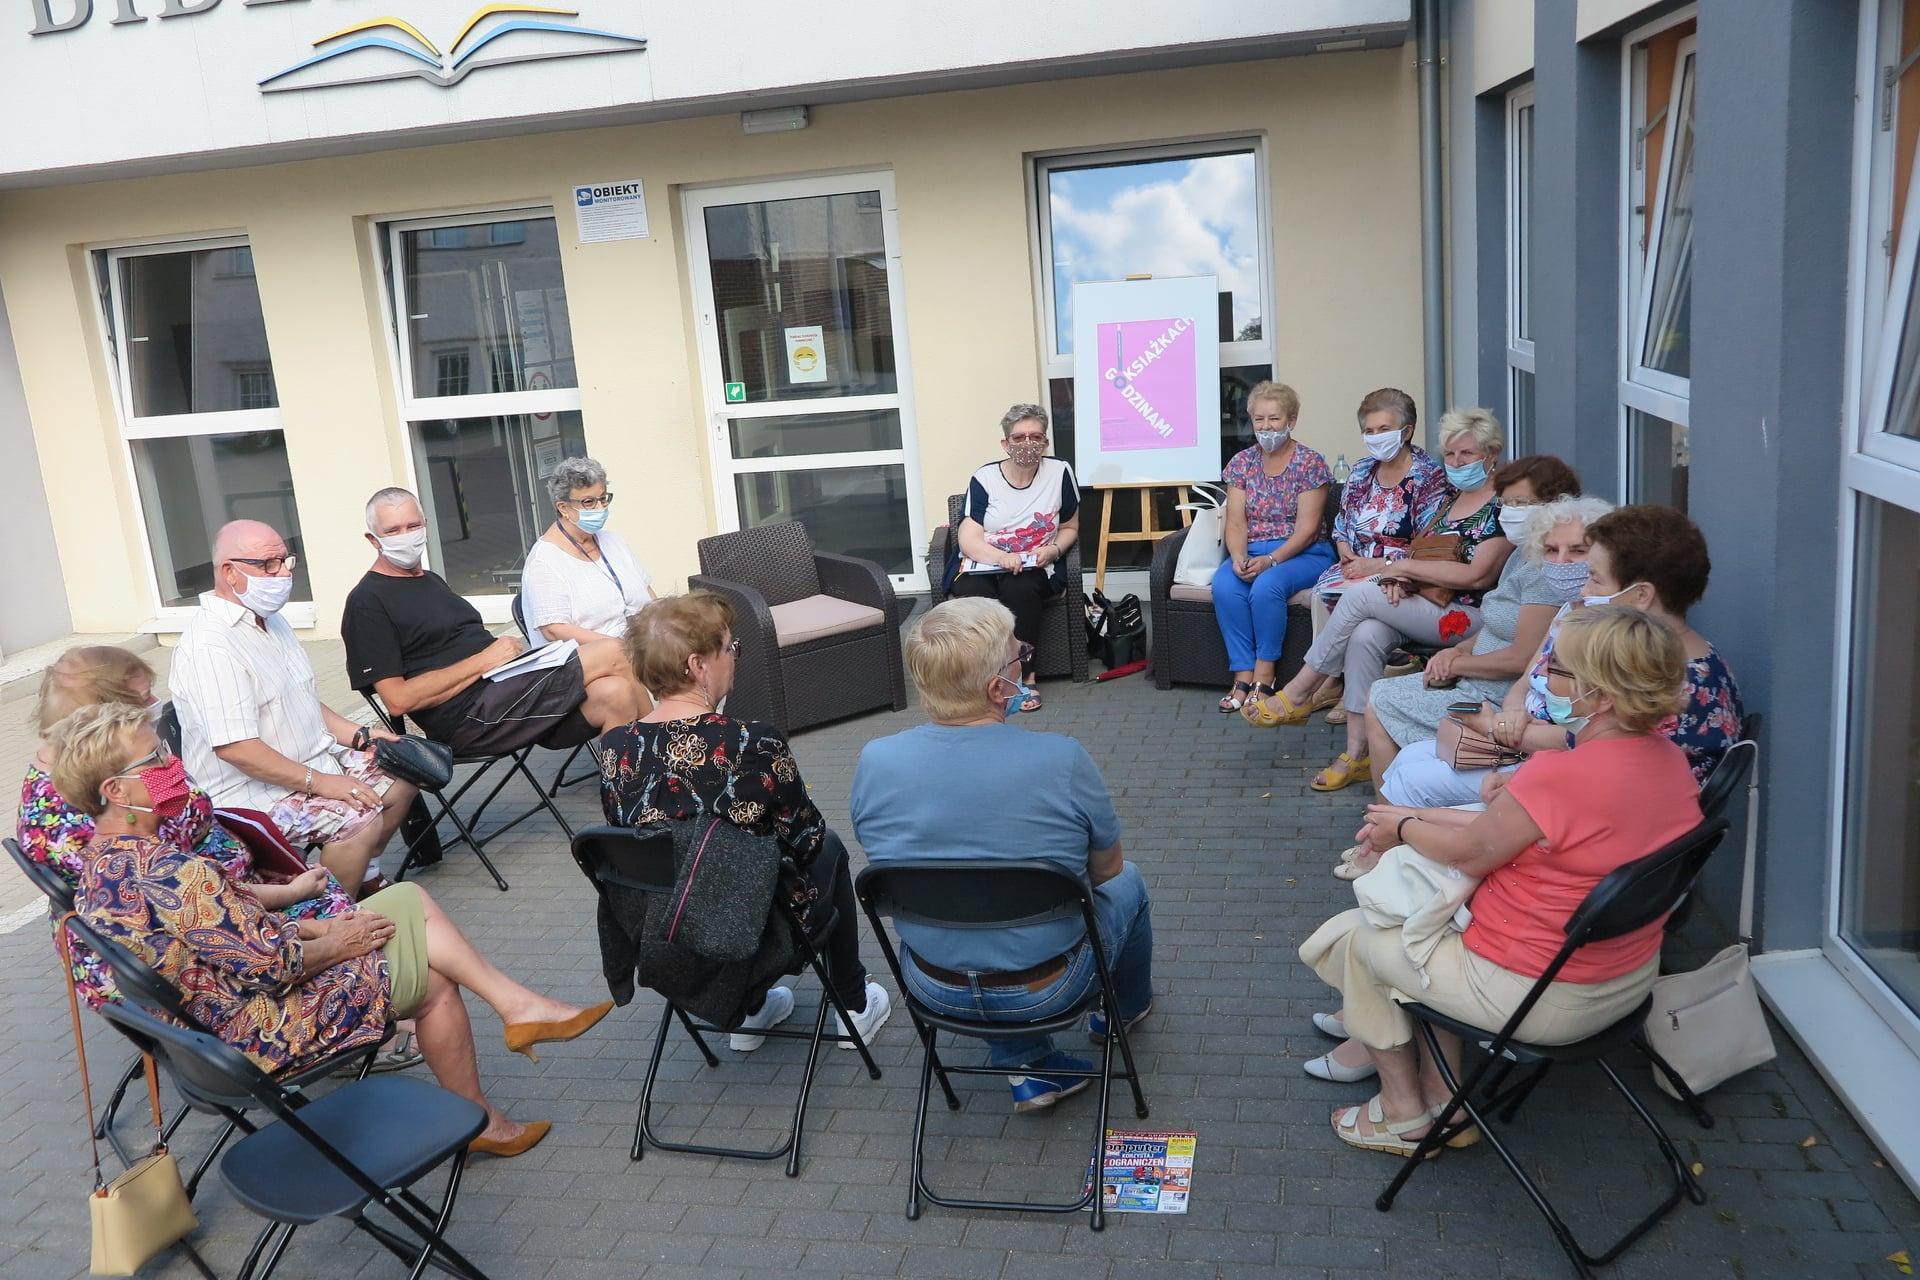 Przed budynkiem MBP w Działdowie 15 osób z DKK Uniwersytetu Trzeciego Wieku w Działdowie prowadzi dyskusje na temat książki ,,Zawsze ktoś patrzy'' Joya Fielding.